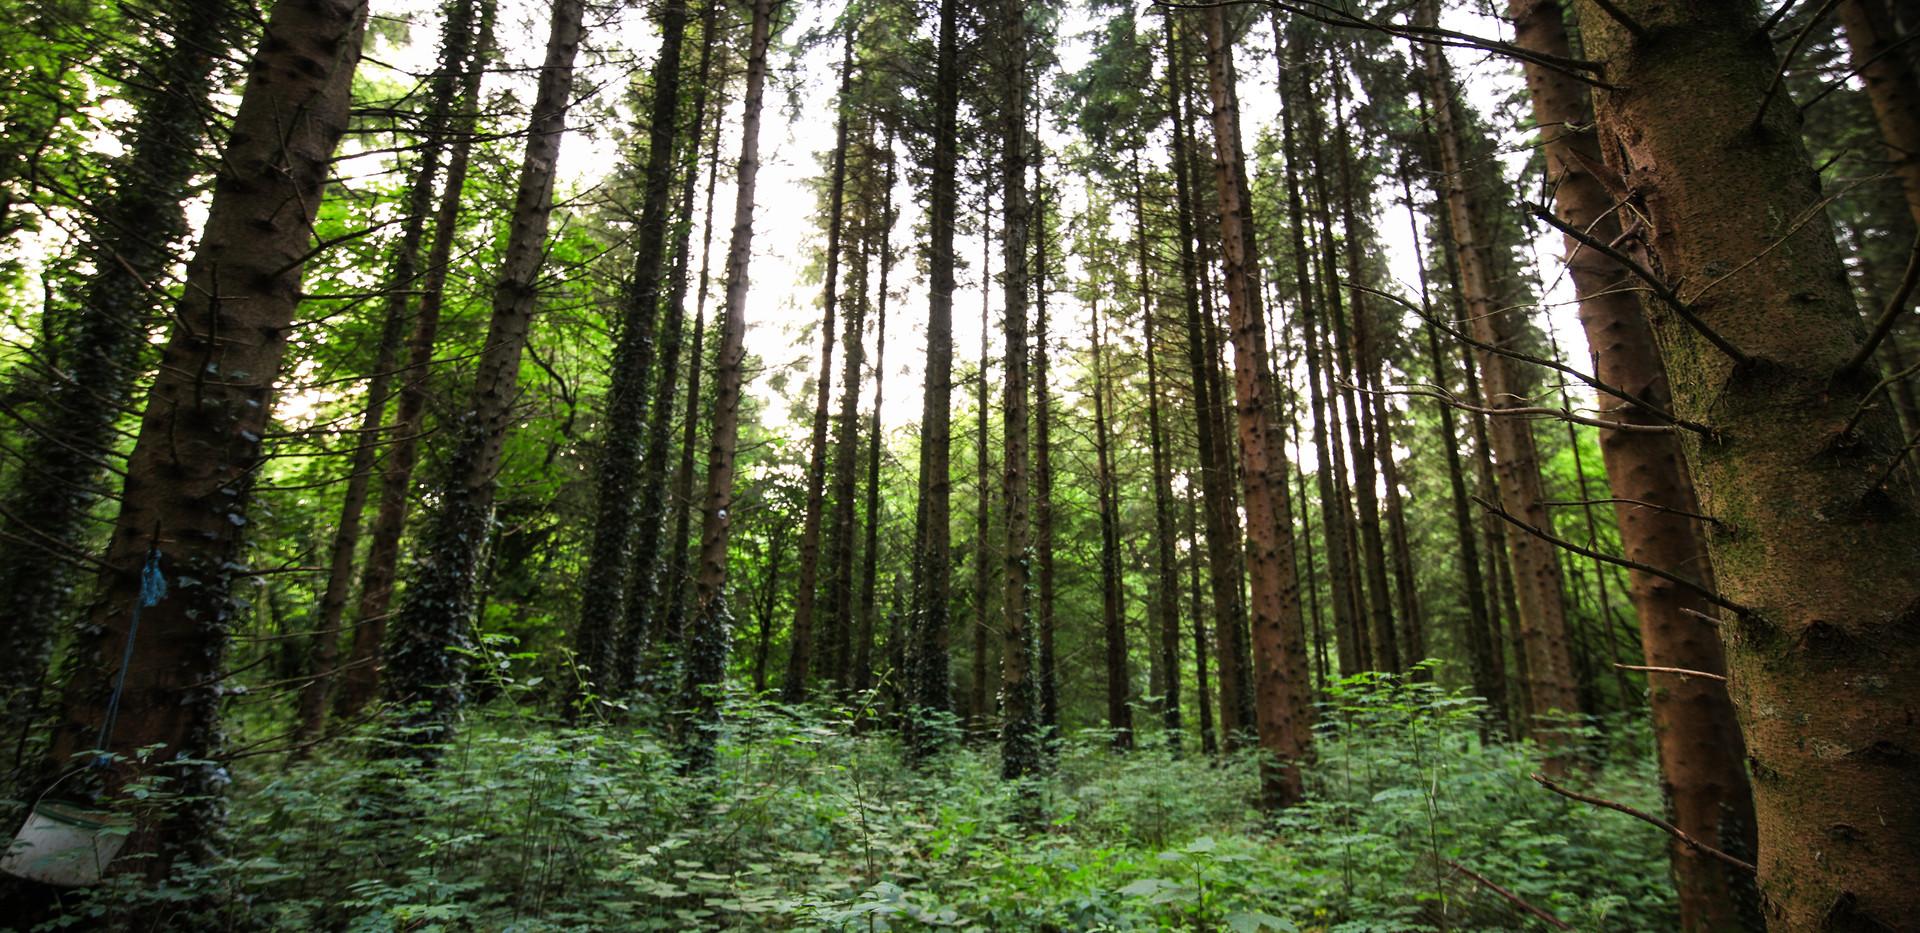 Irelandforest7.jpg